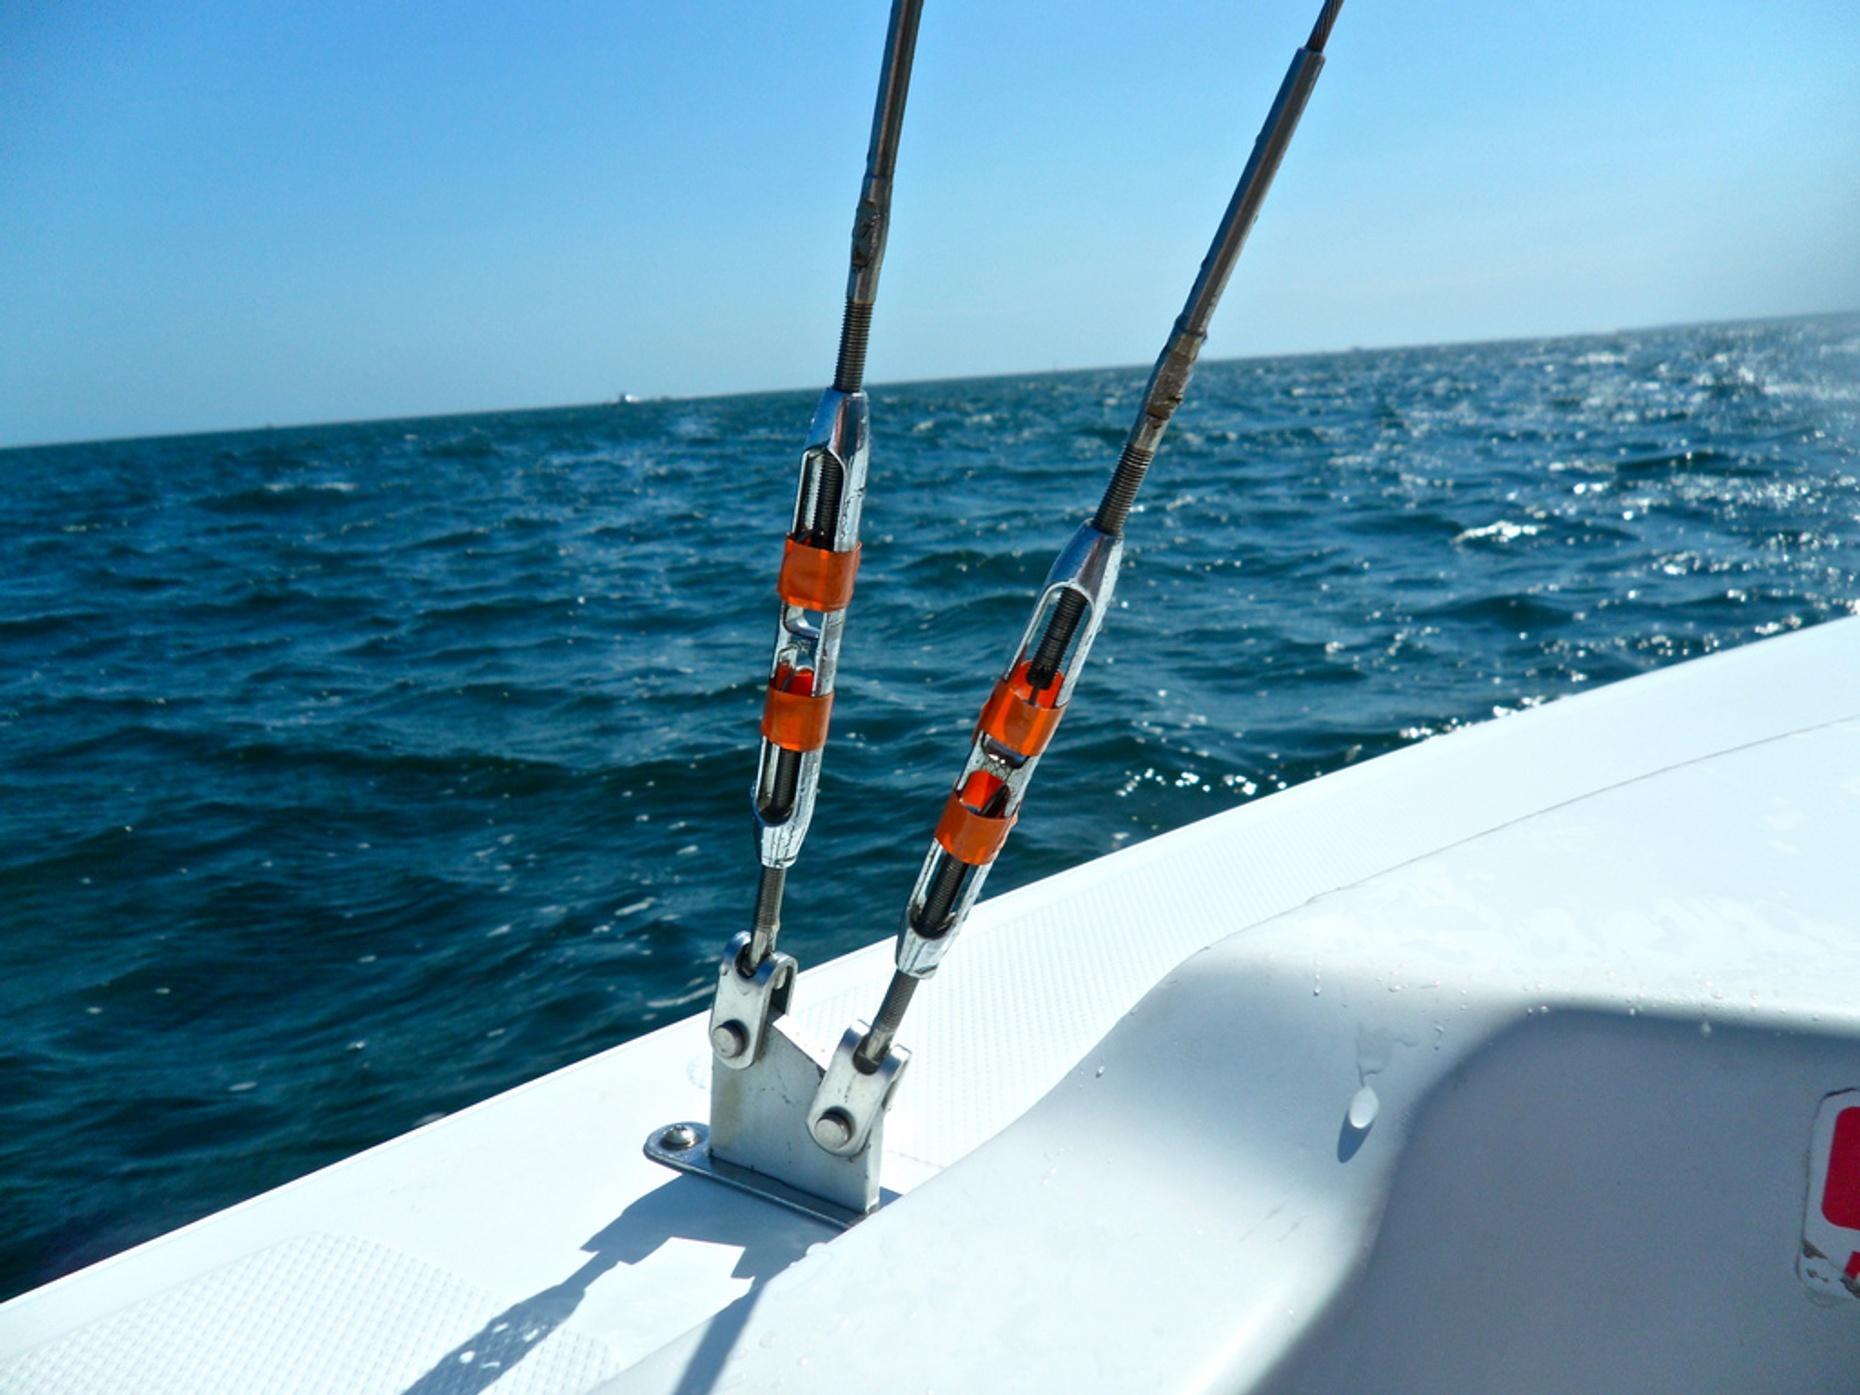 Ziplining, Canoeing & Sailing Adventure in Playa del Carmen